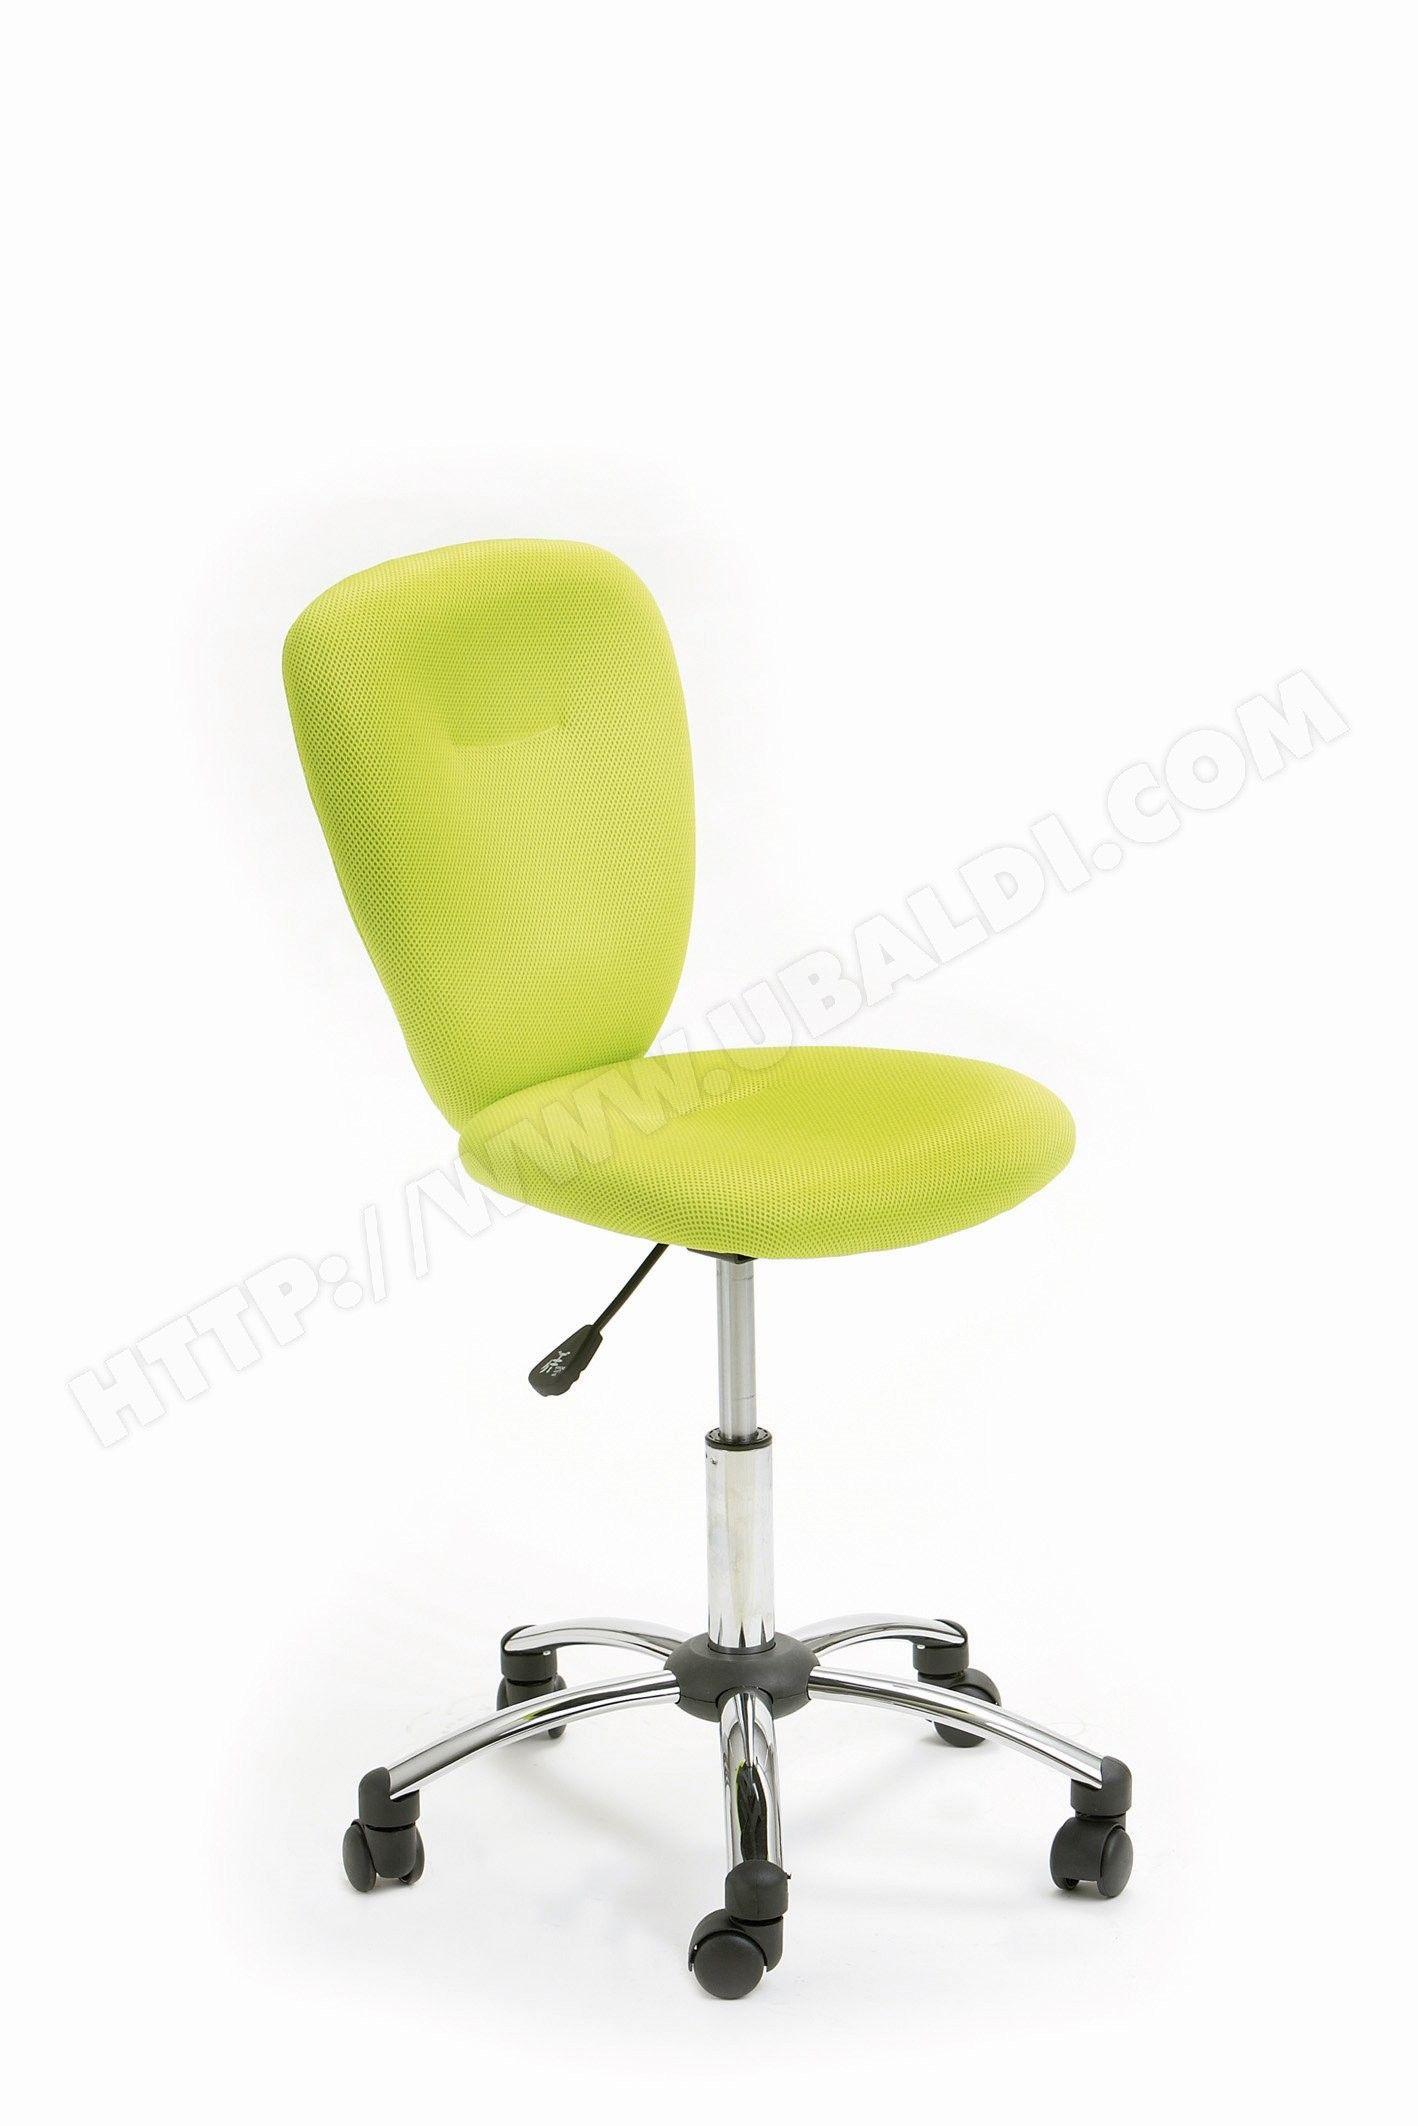 Chaise De Bureau Interlink Pezzi Chaise De Bureau Vert Chaise Bureau Meuble Chambre Fauteuil Bureau